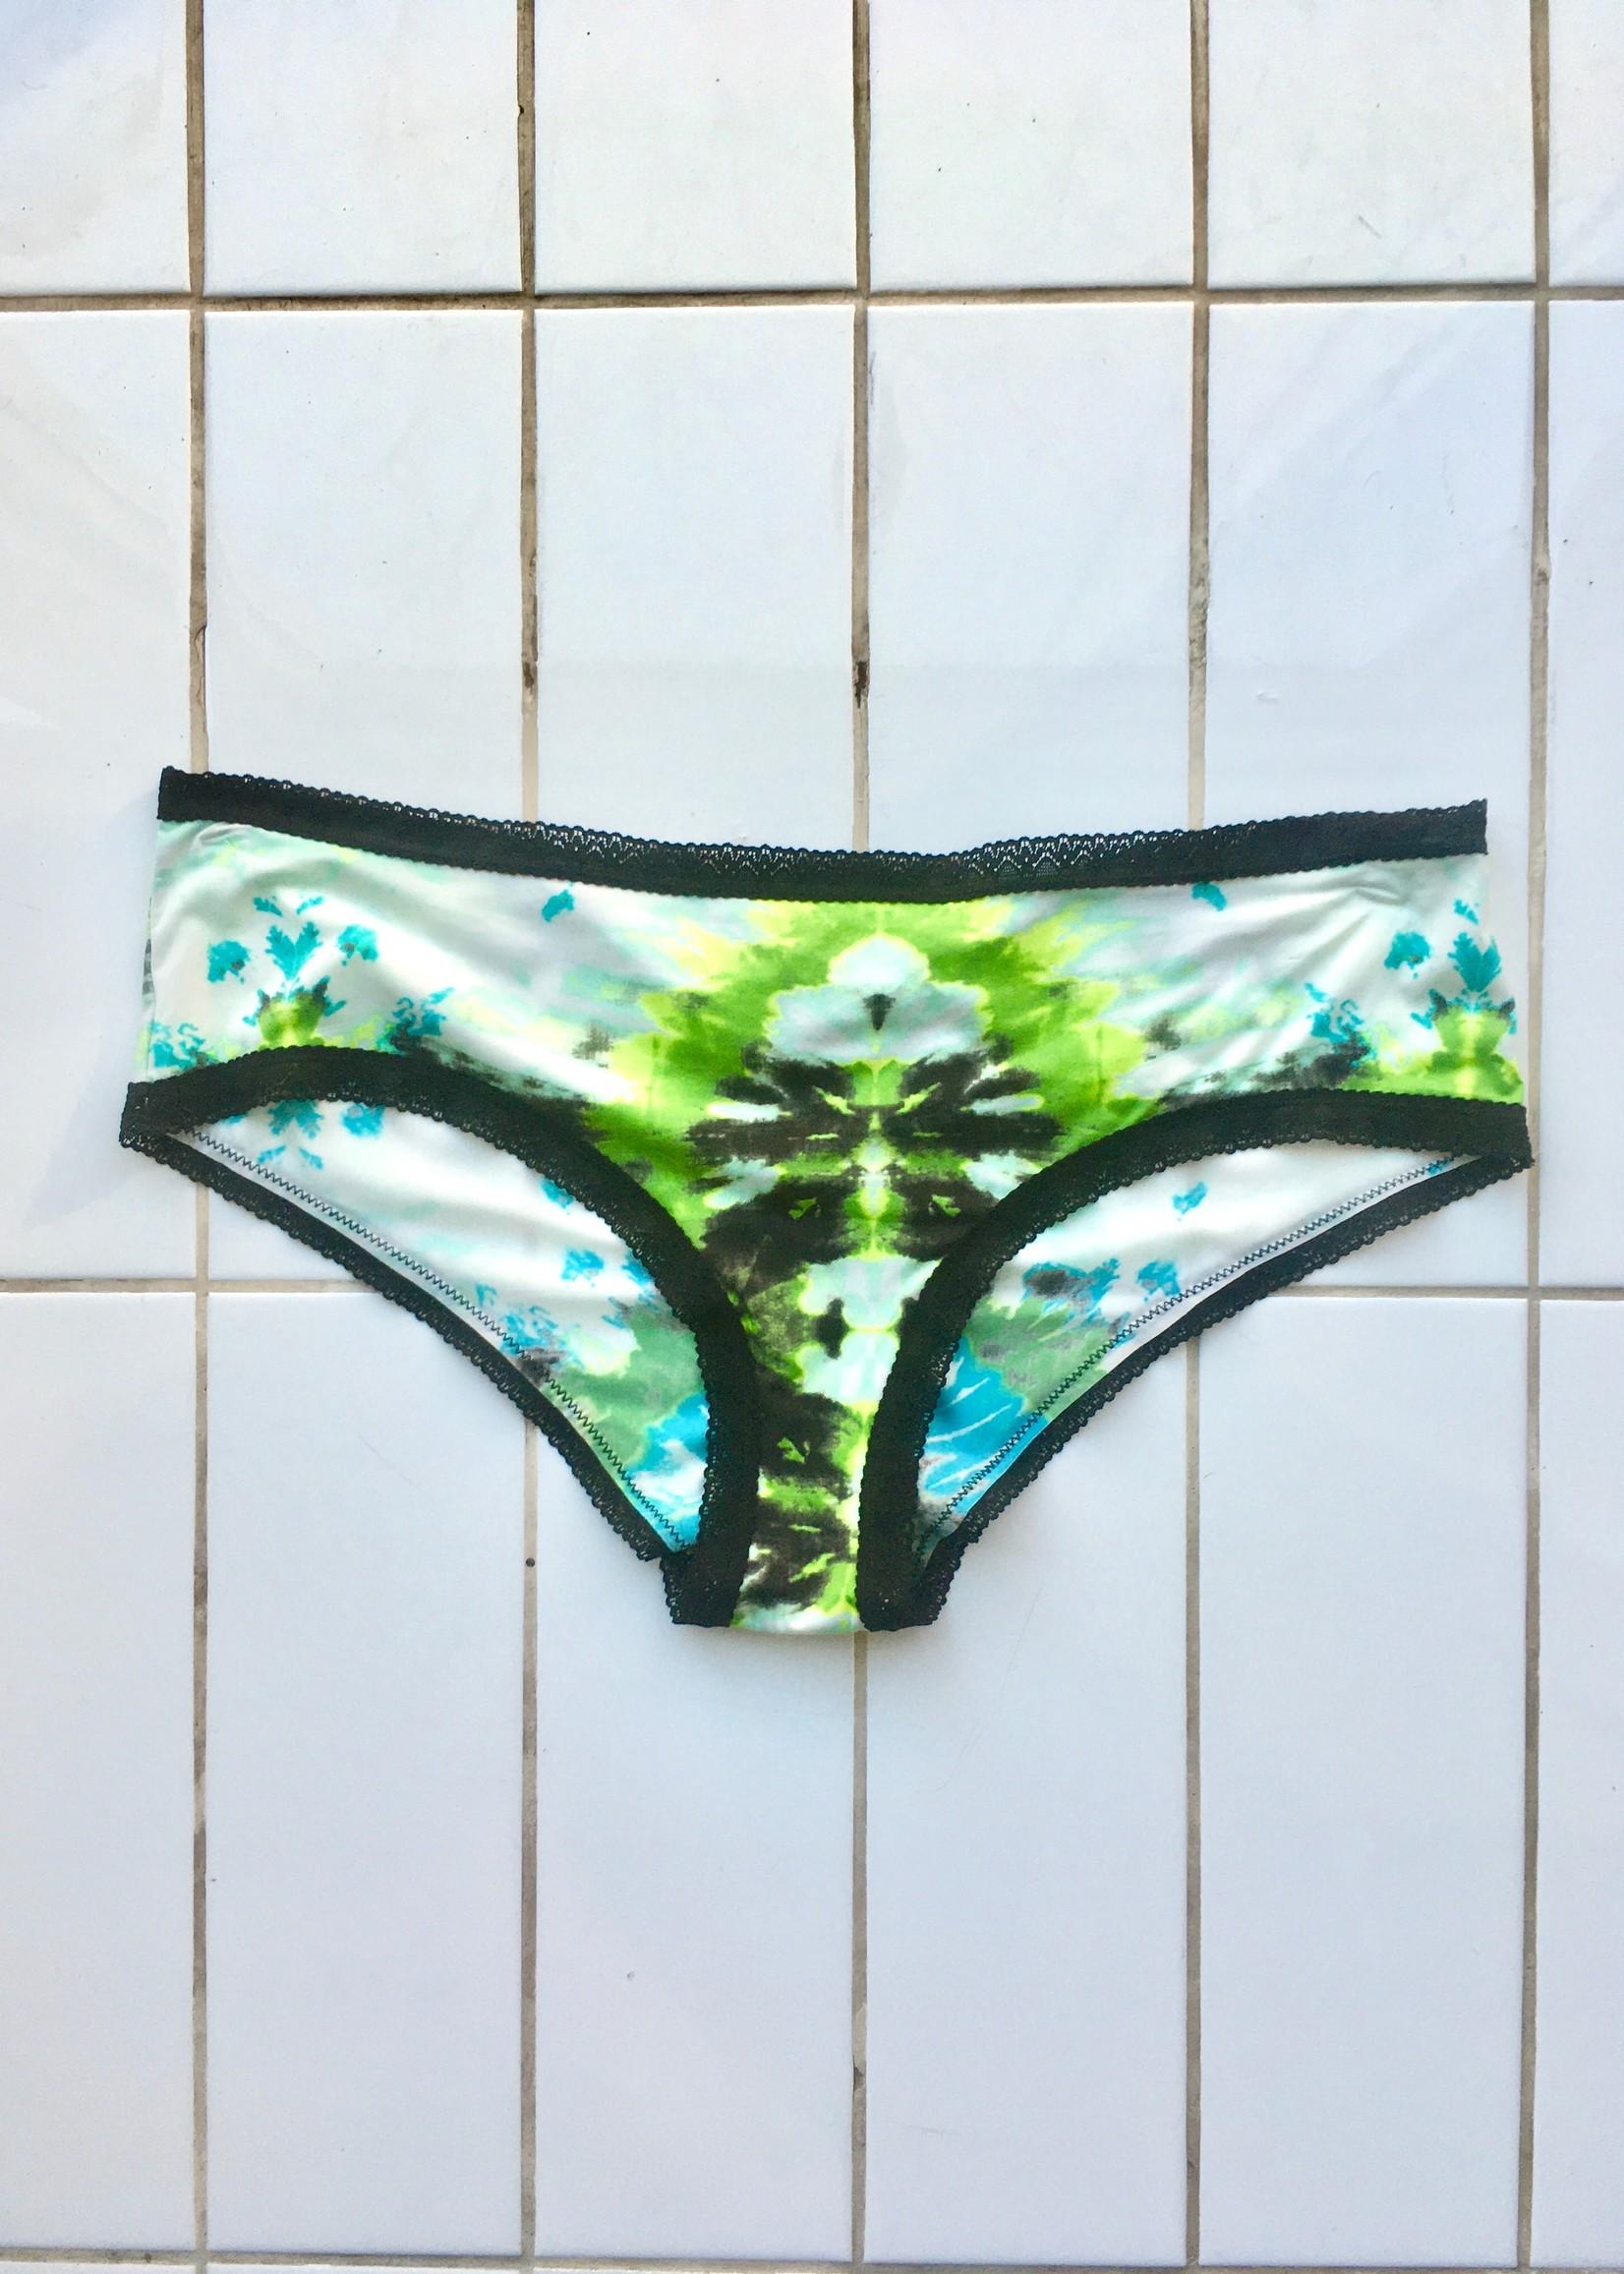 Blush Lingerie Hipster Underwear